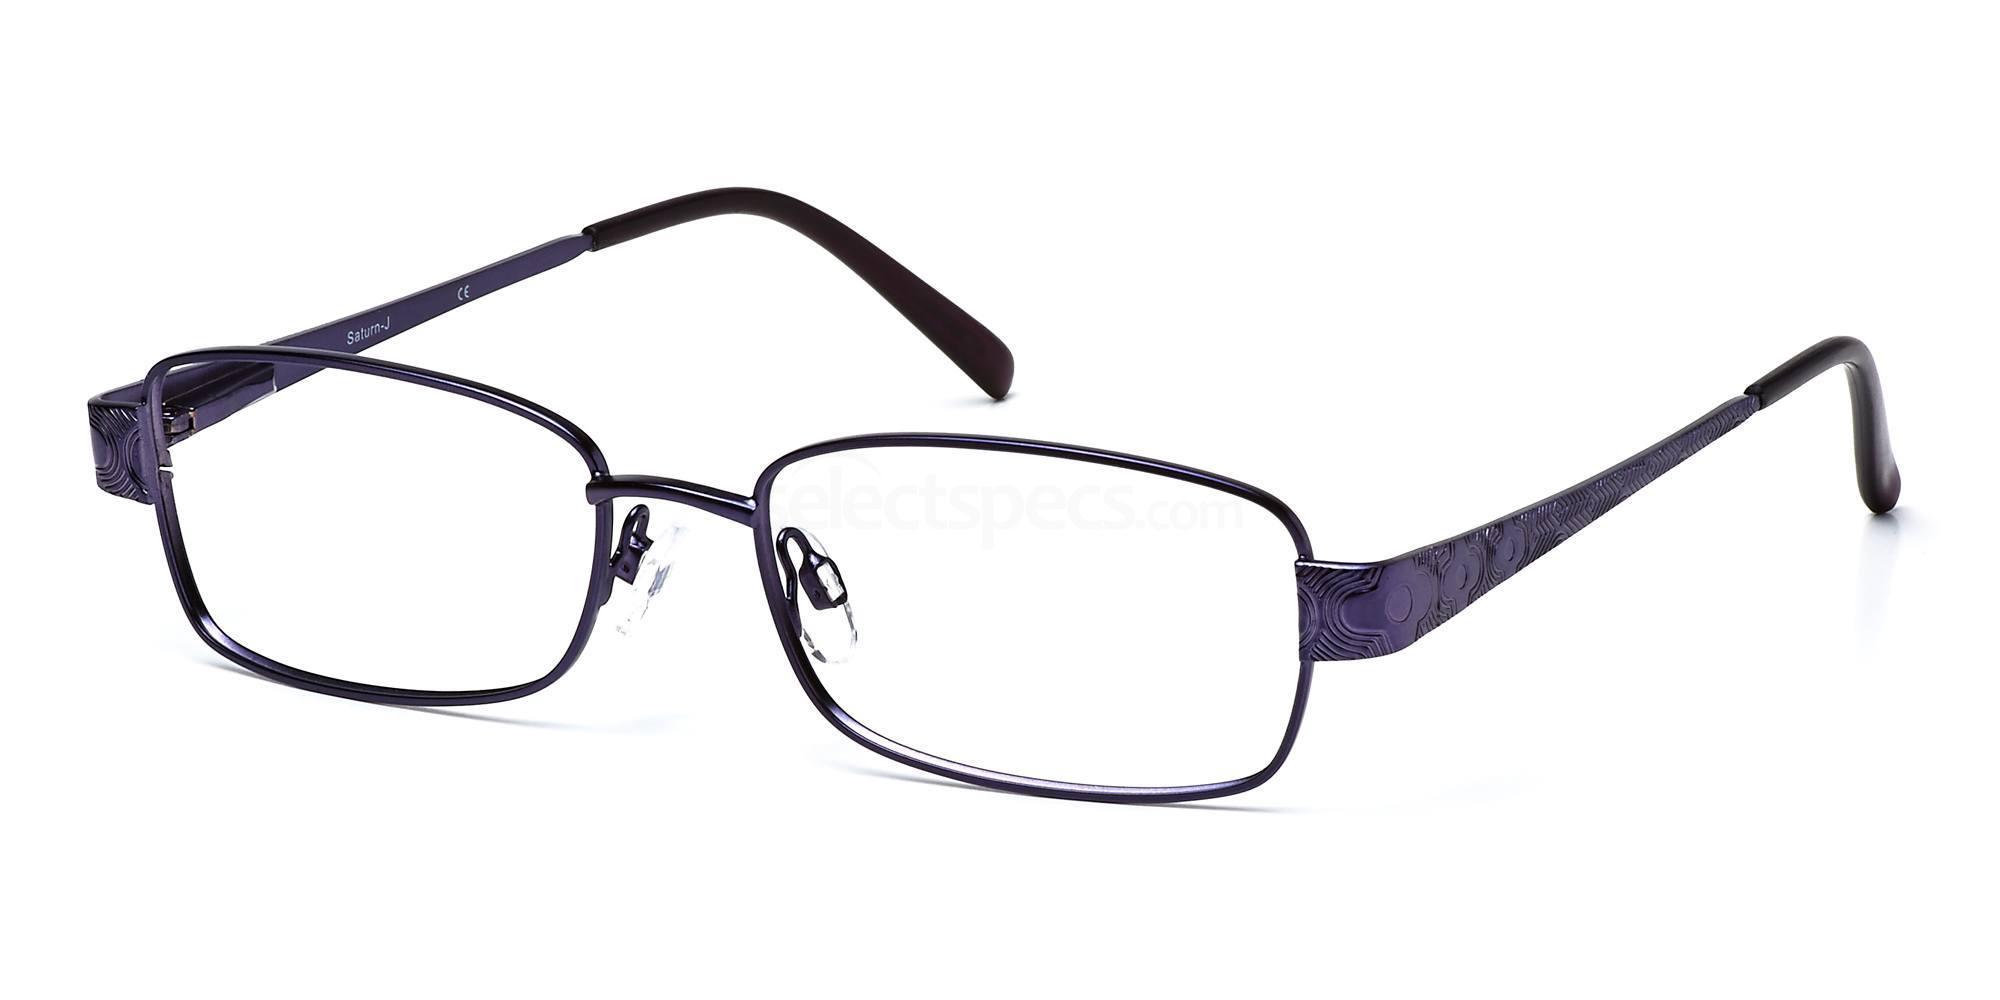 C1 SATJ Glasses, Saturn